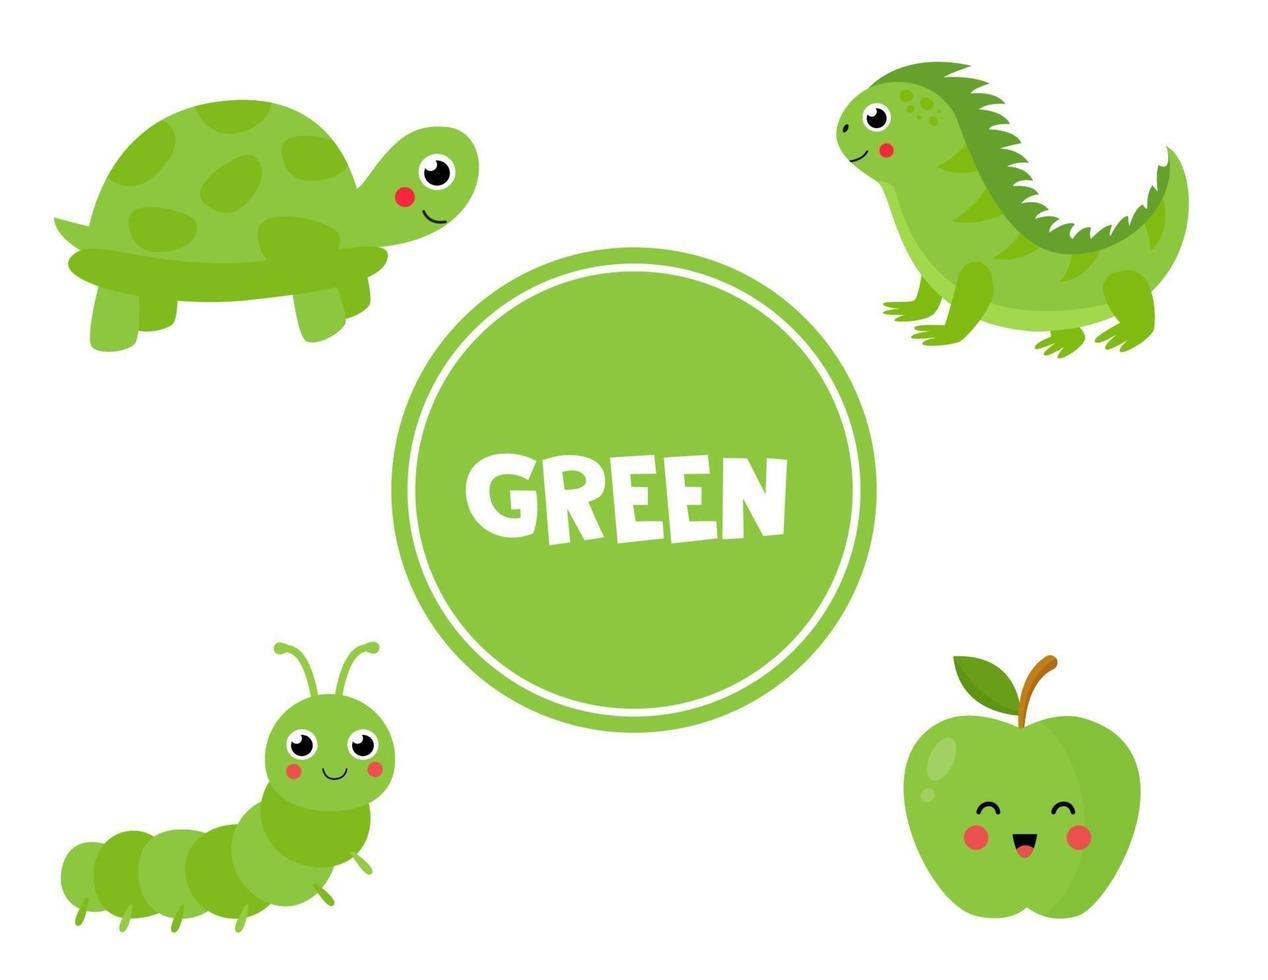 lära sig grön färg för förskolebarn. pedagogiskt arbetsblad. vektor